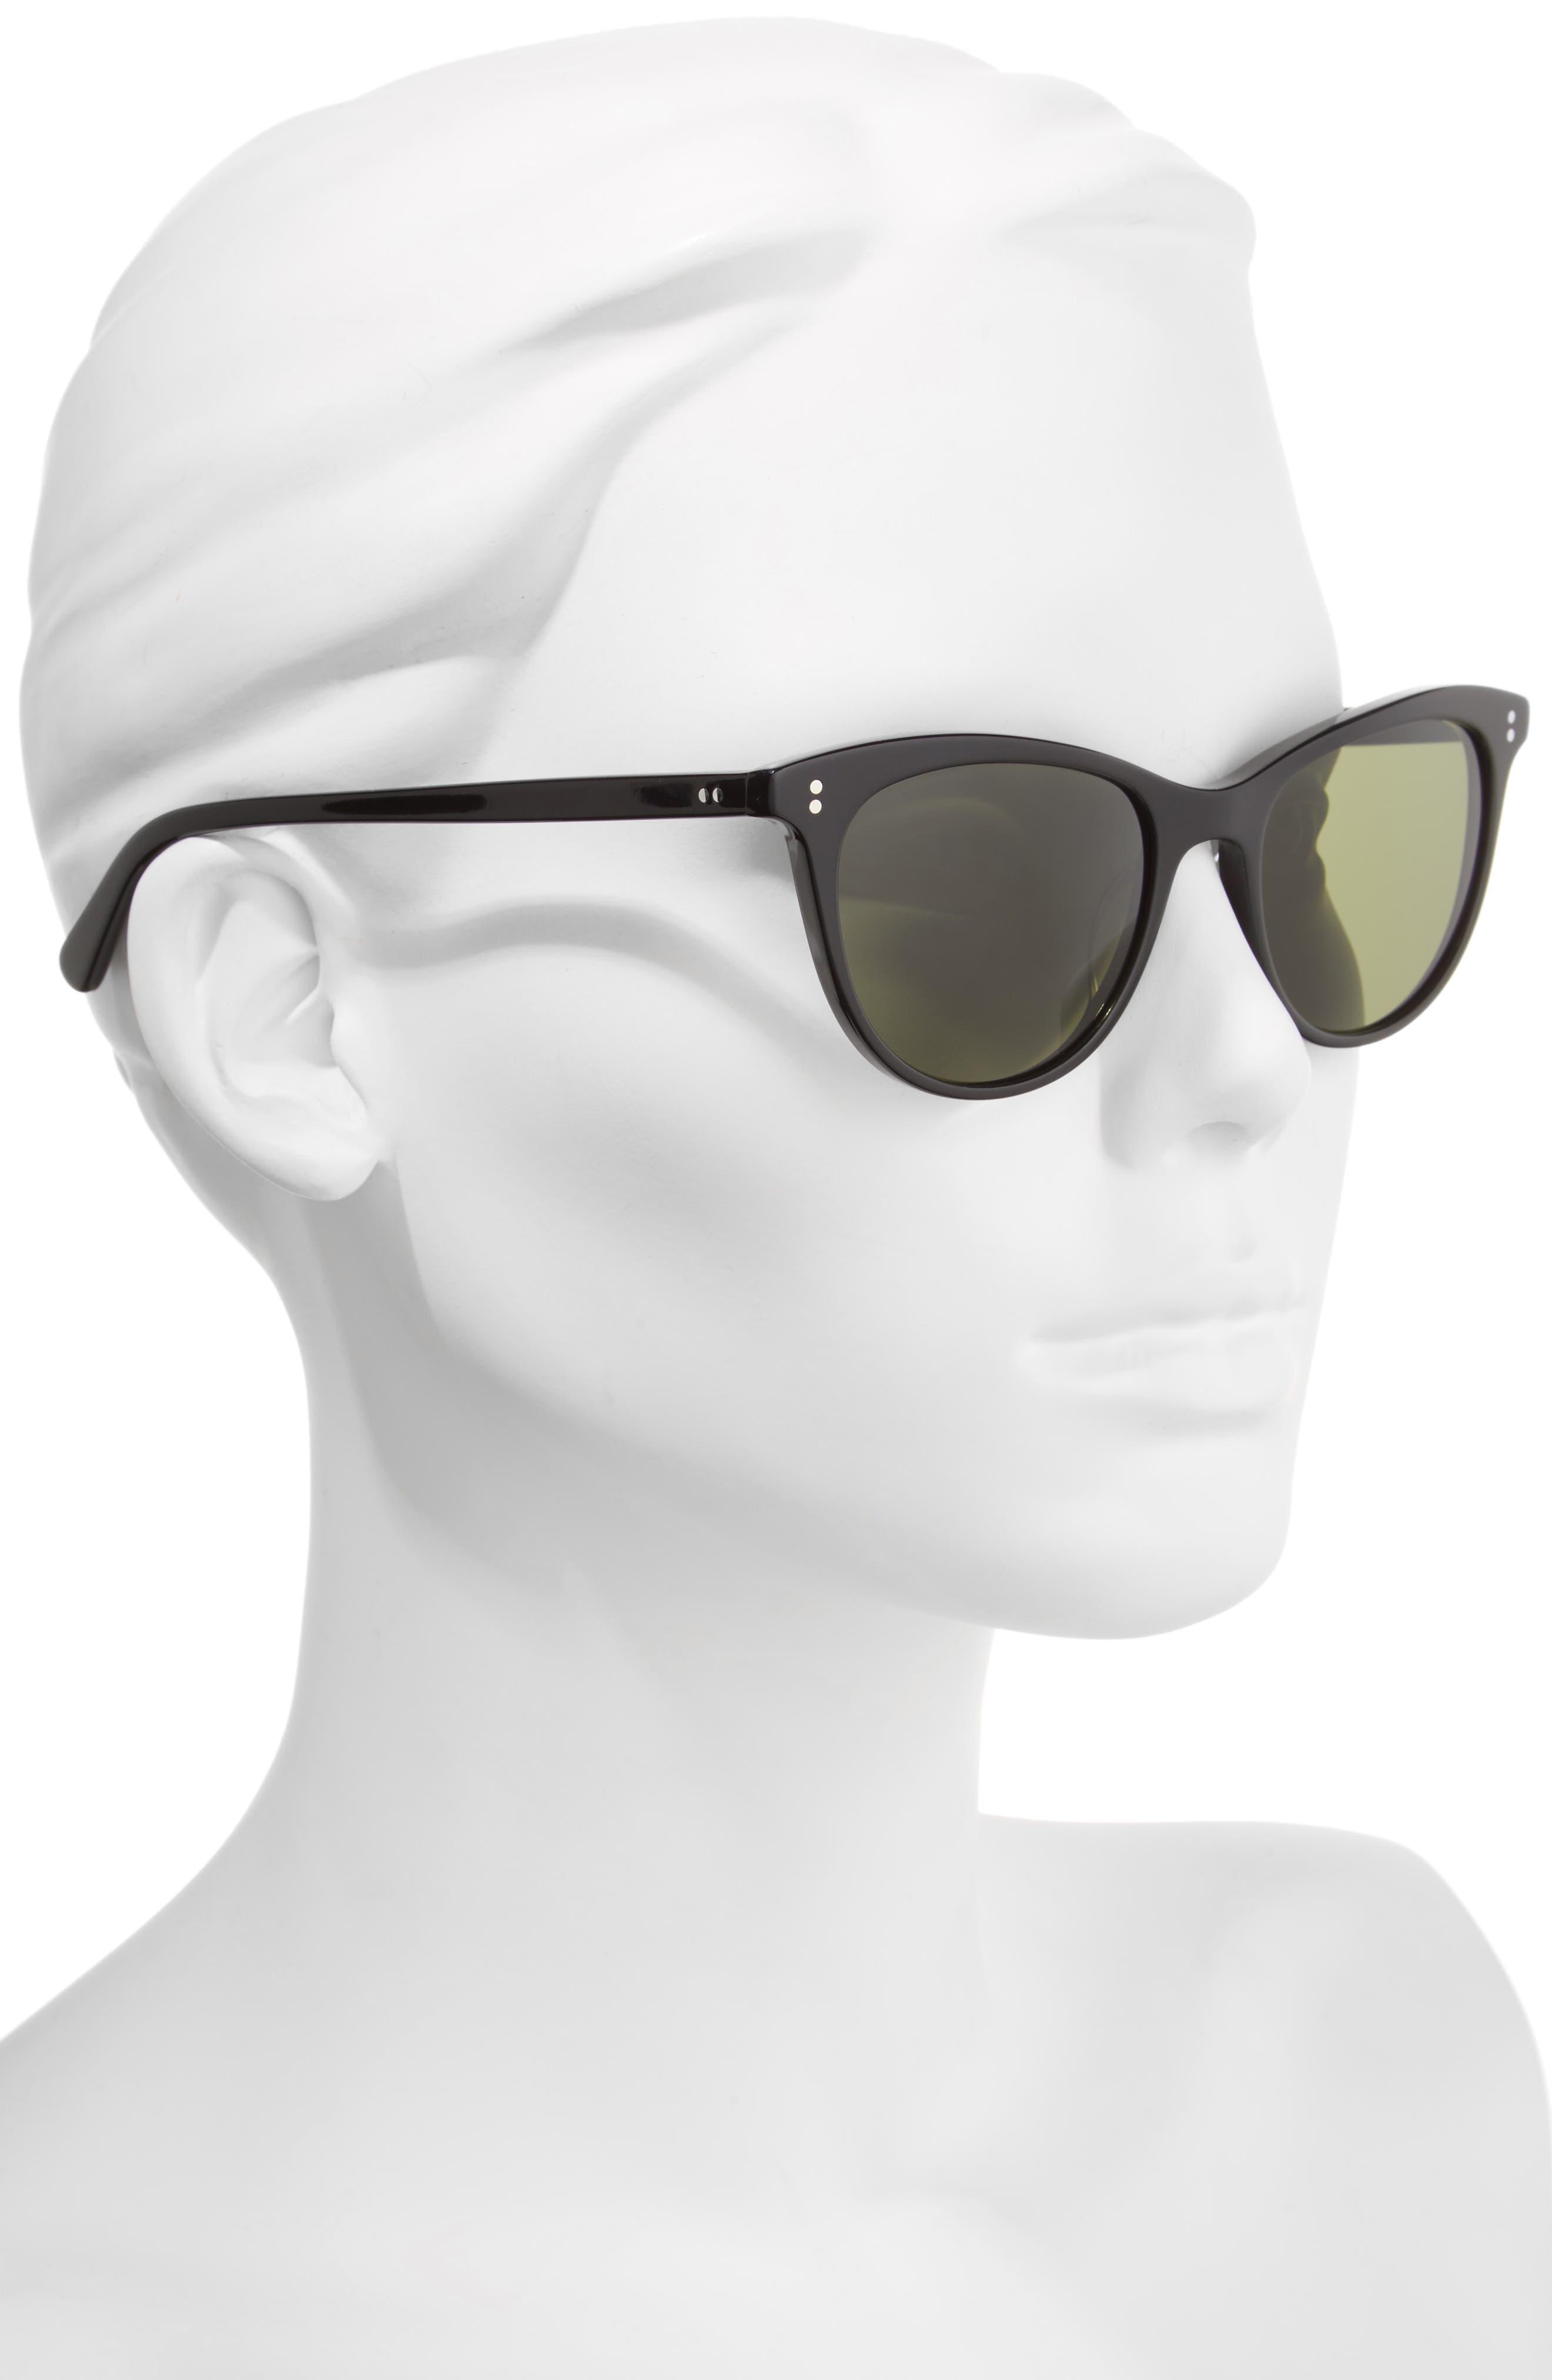 Jardinette 52mm Cat Eye Sunglasses,                             Alternate thumbnail 2, color,                             001